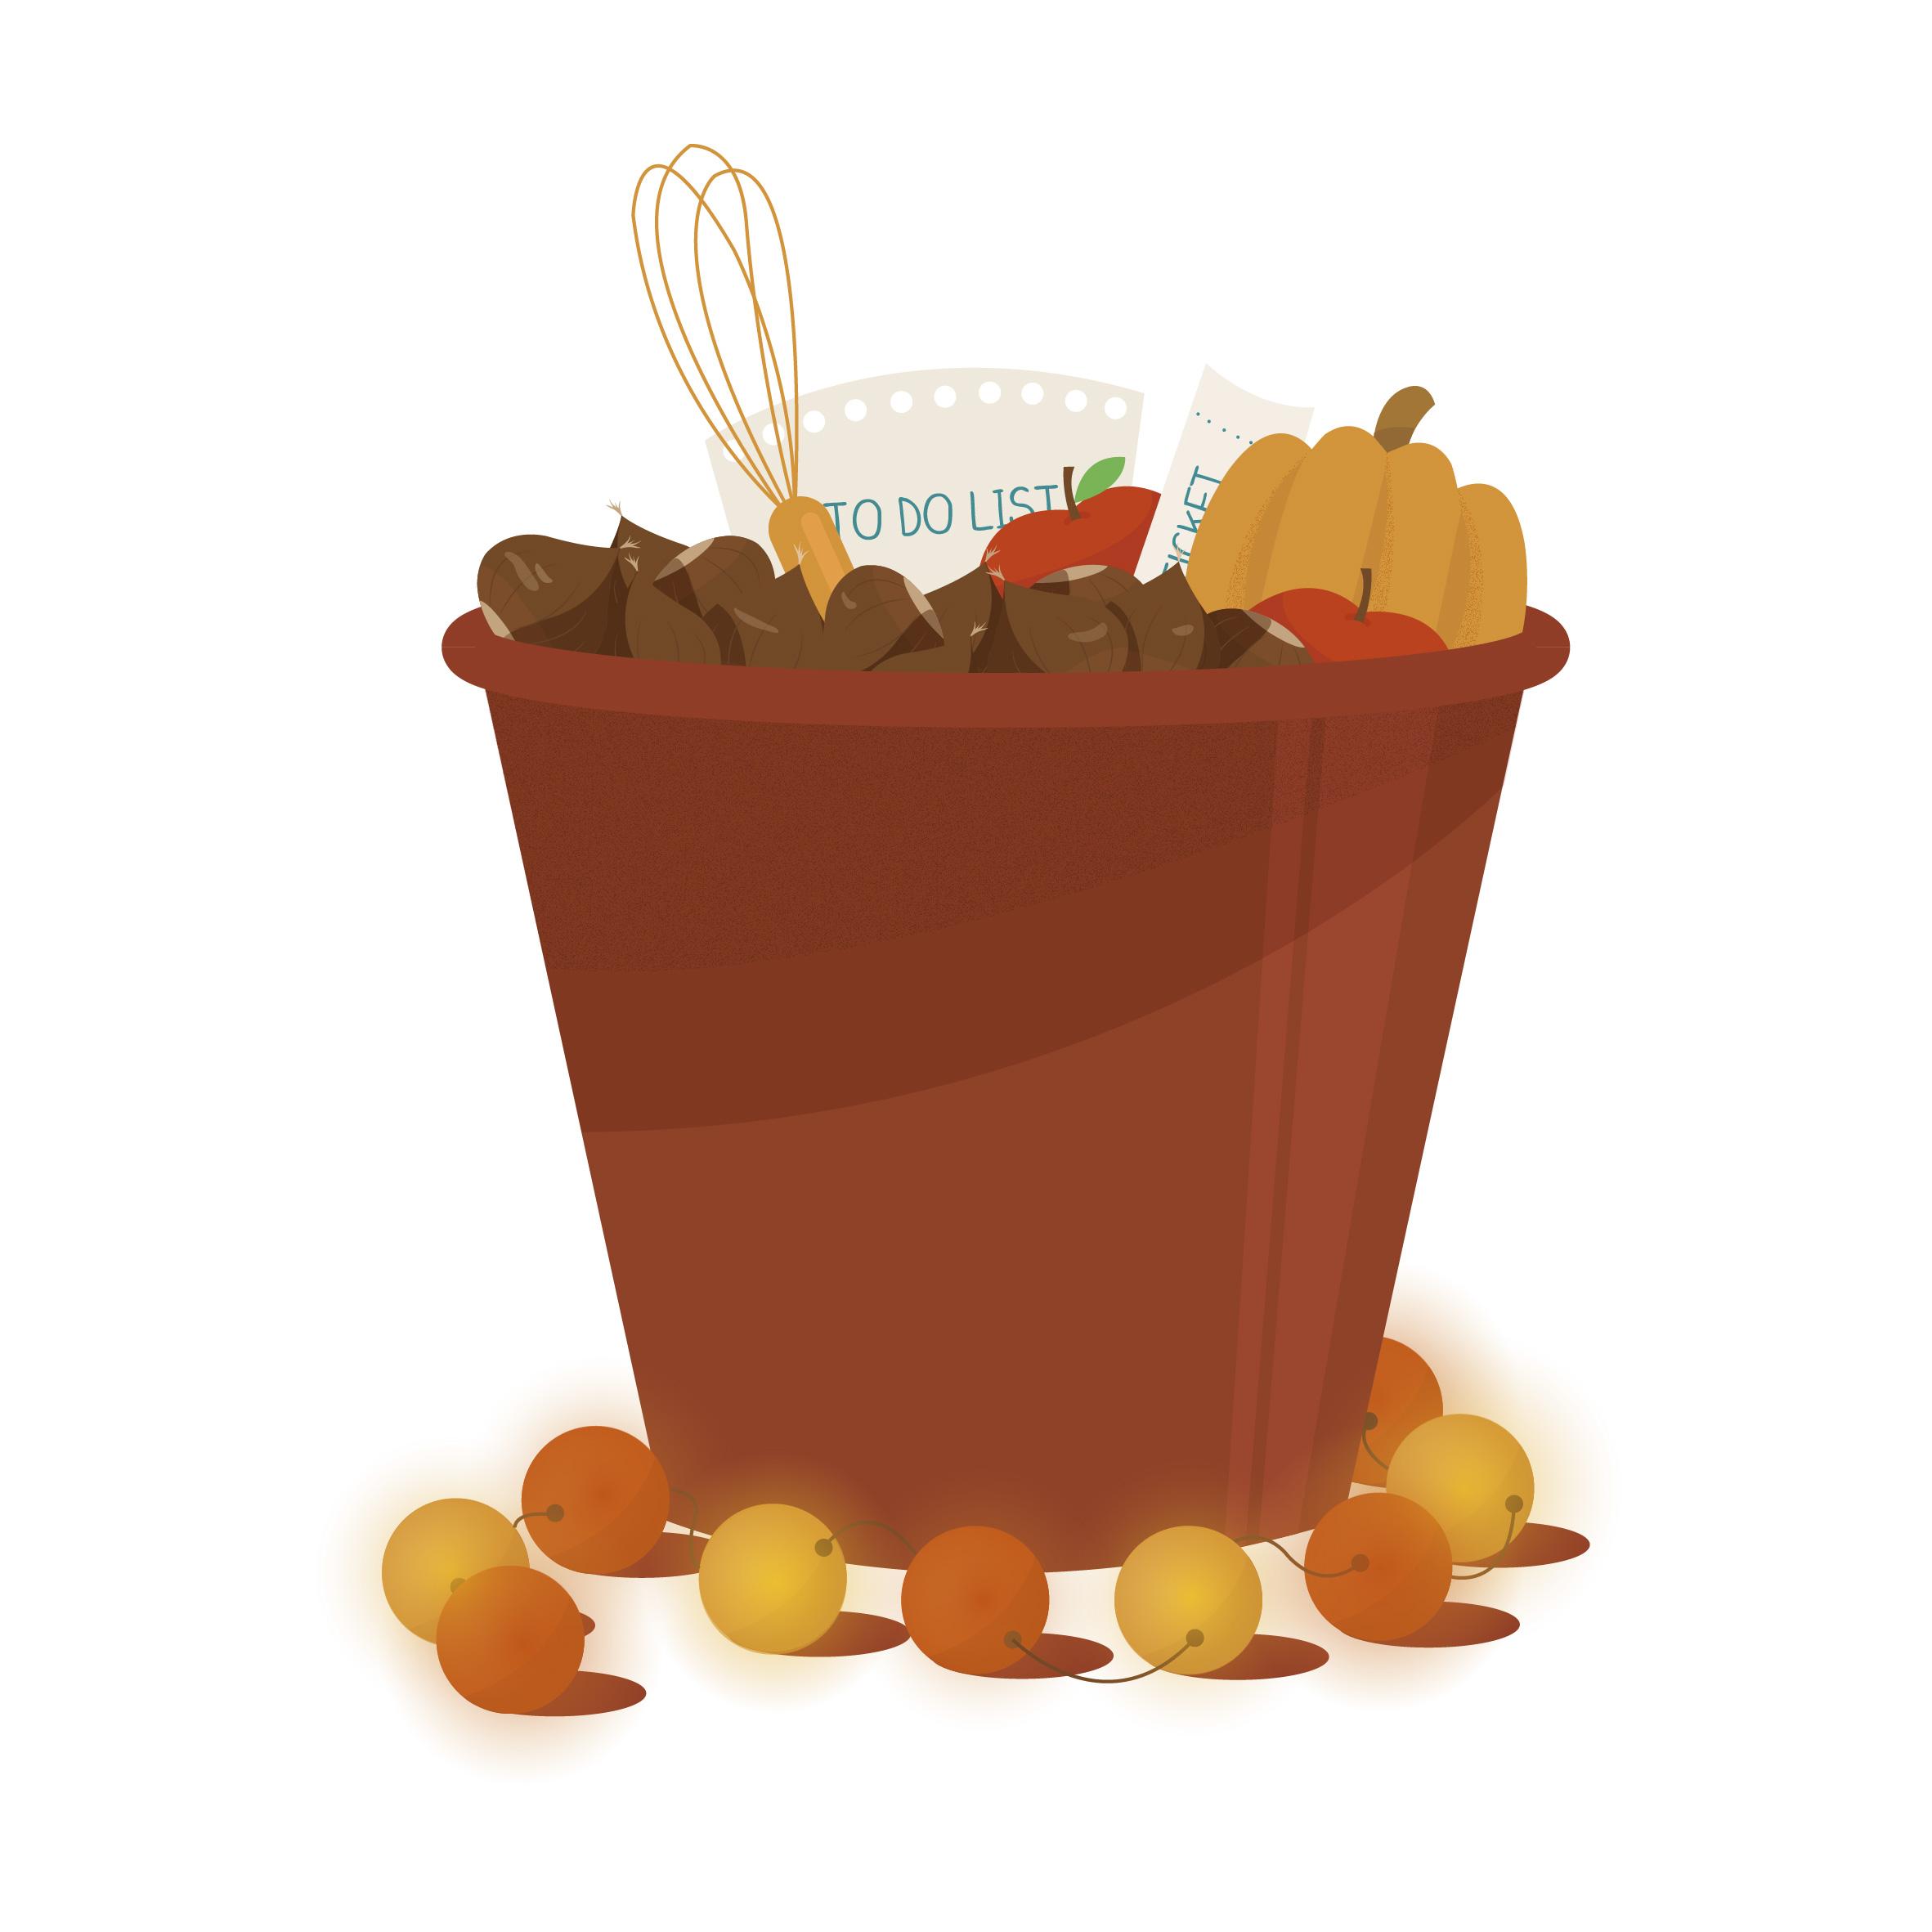 2017 Autumn bucket list illustration.jpg